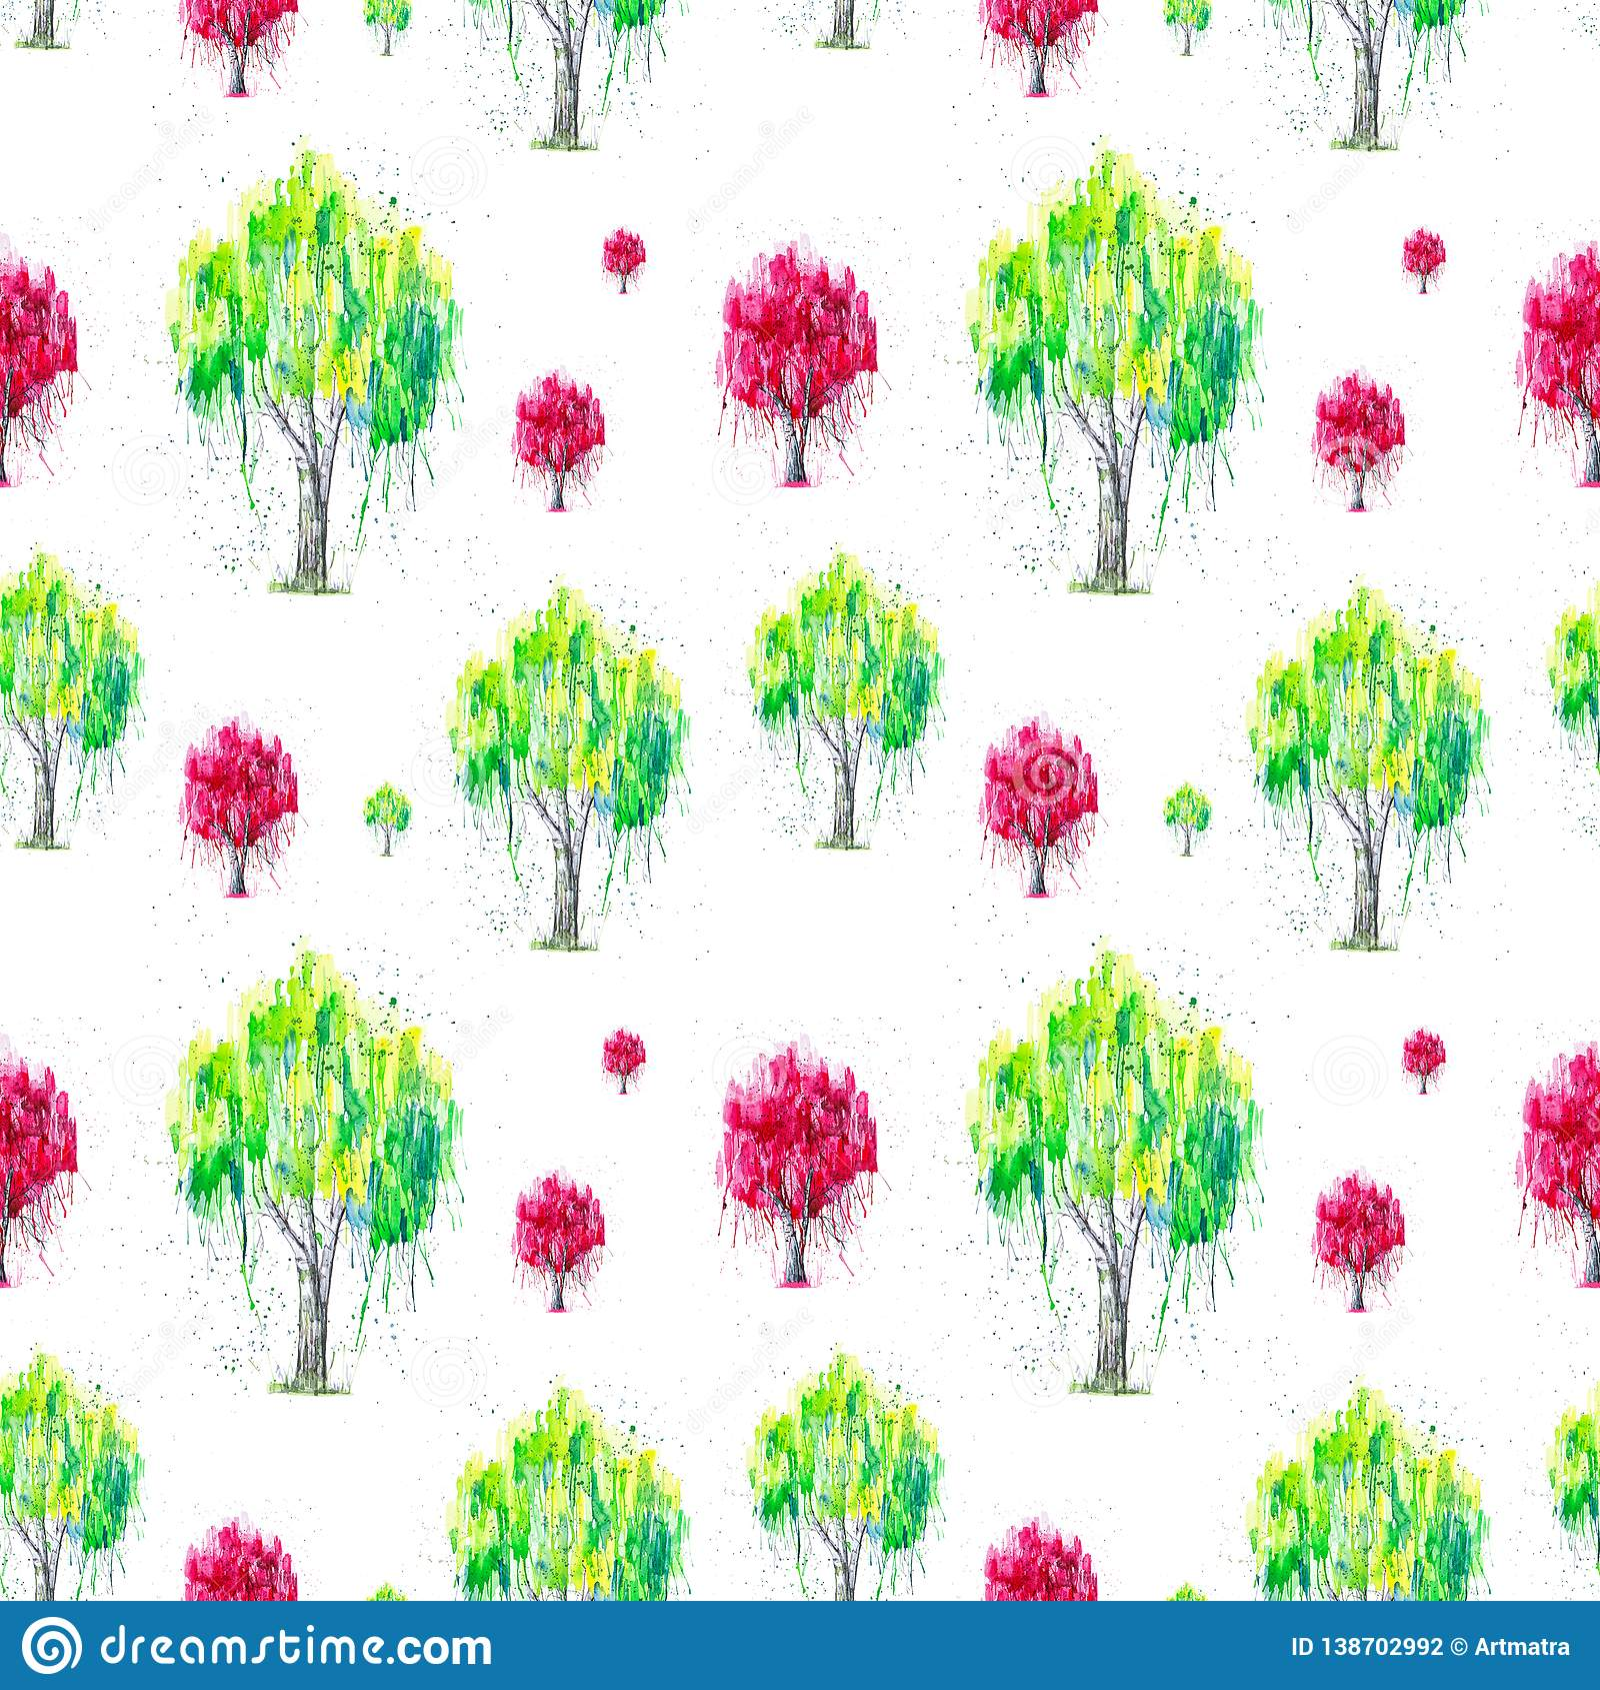 在白色背景与splashis的隔绝的绿色和红色俄国桦树的抽象水彩例证 手画